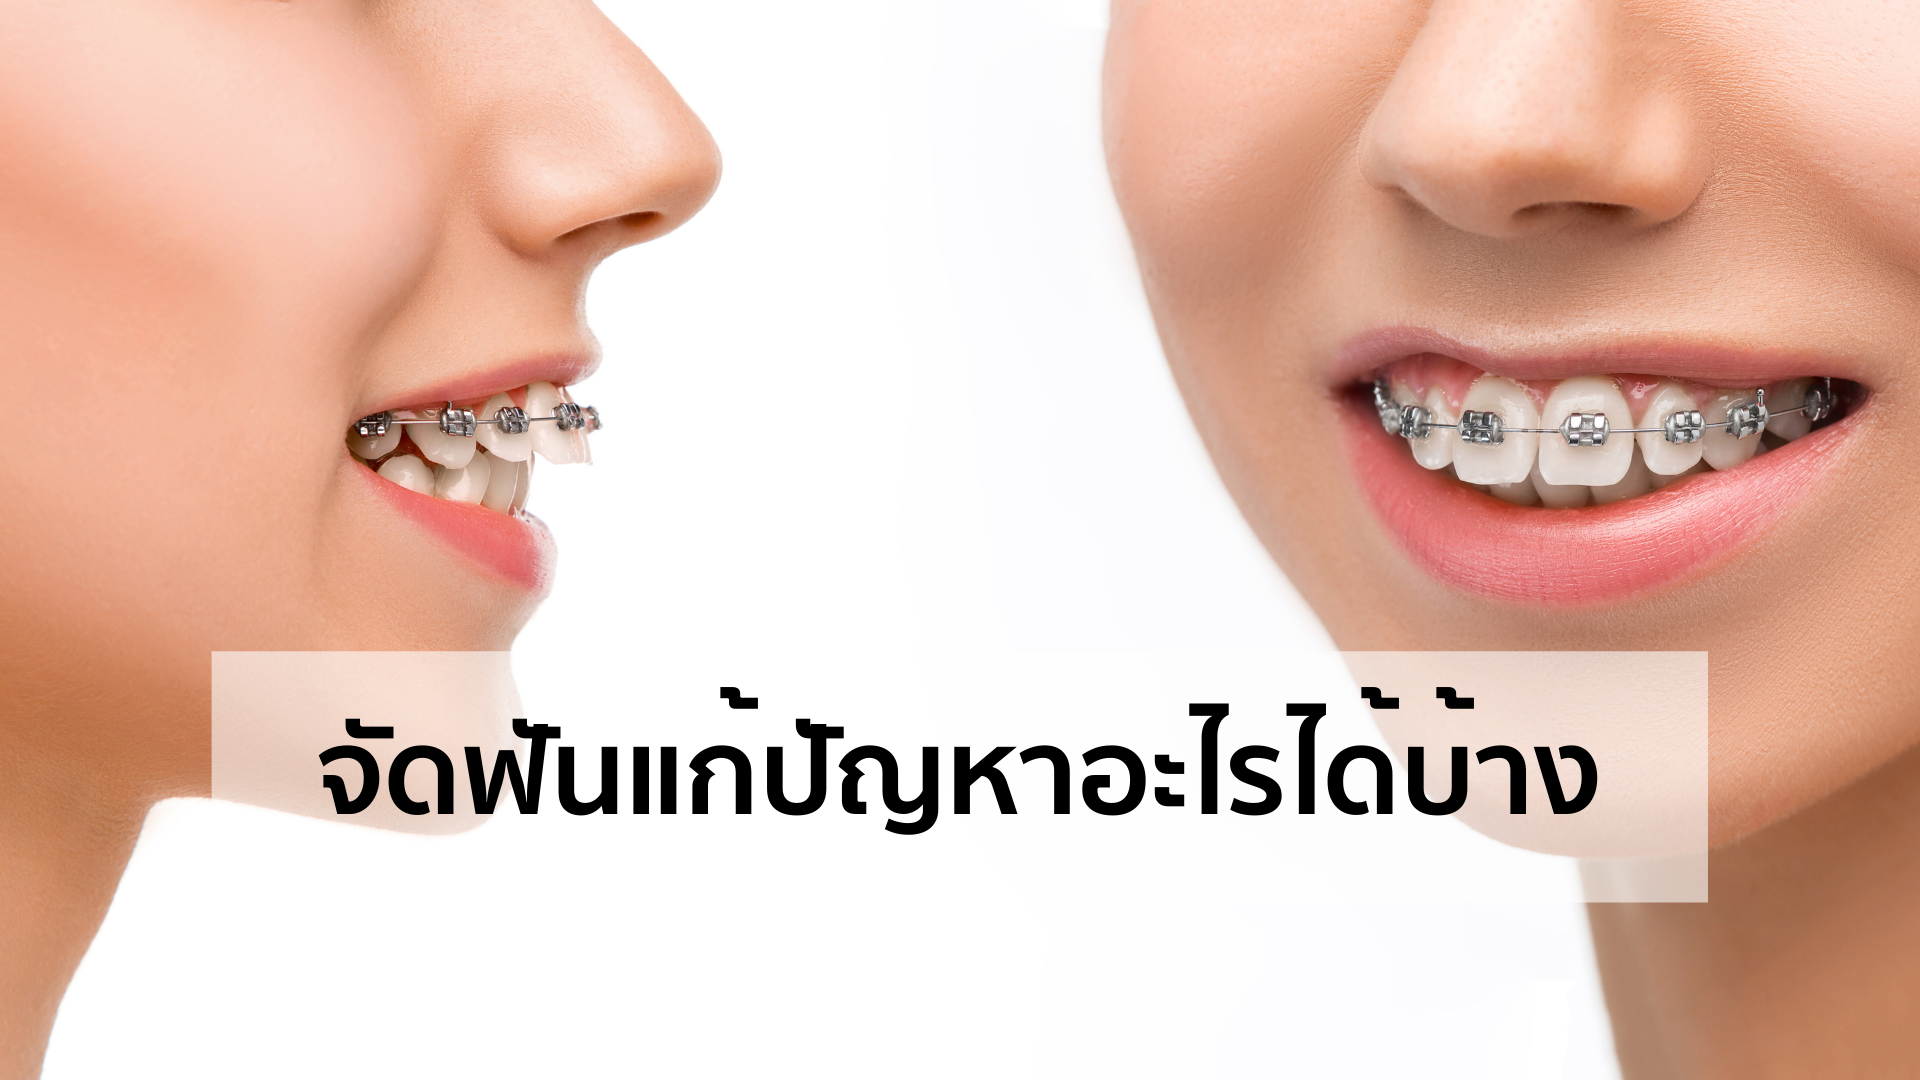 จัดฟันแก้ปัญหาอะไรได้บ้าง